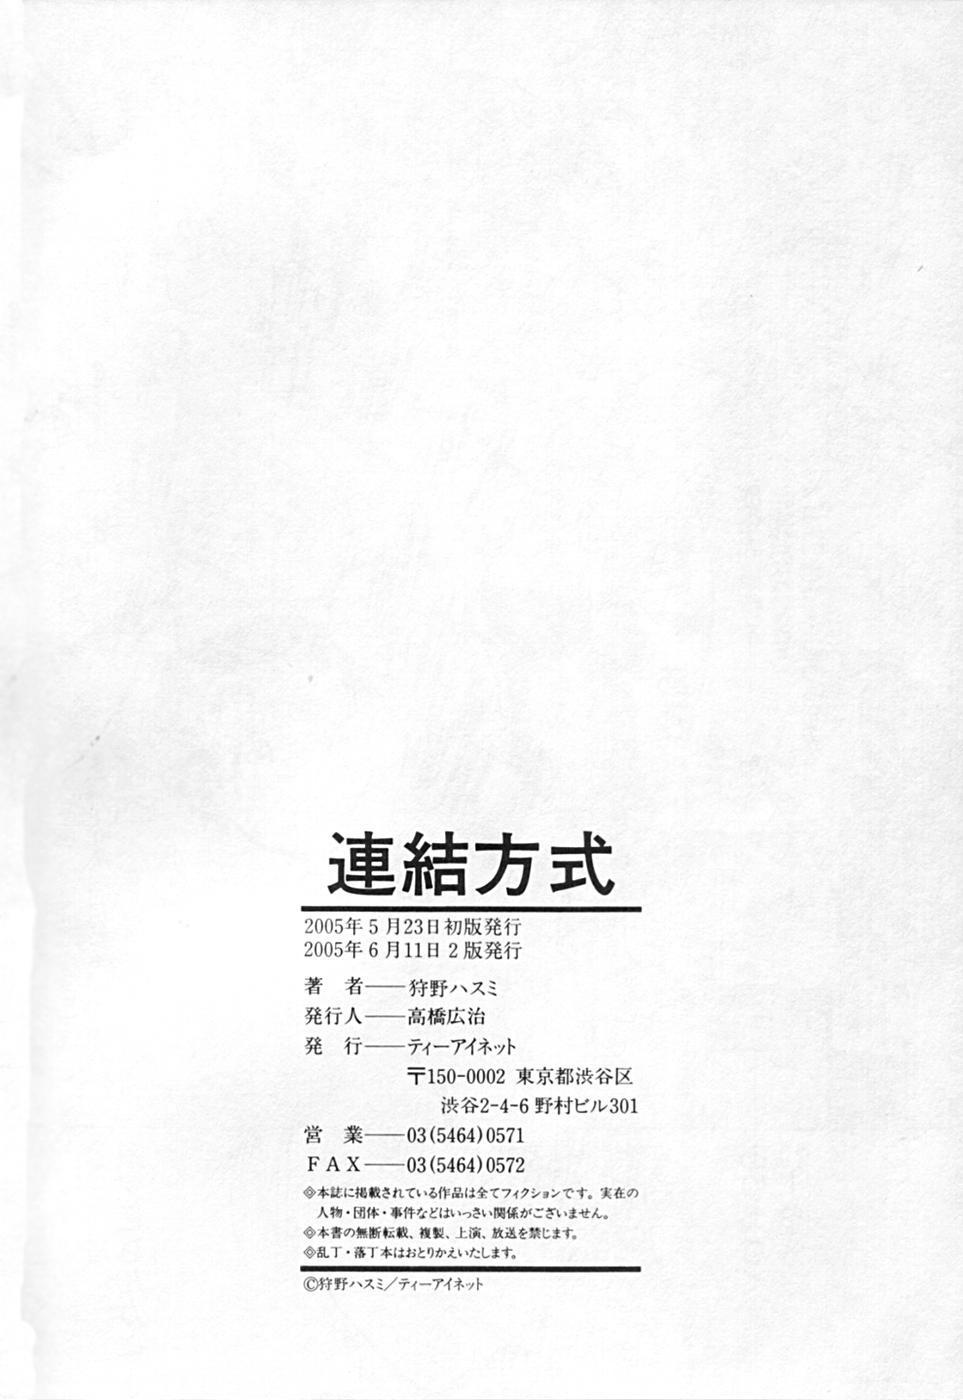 Renketsu houshiki 301